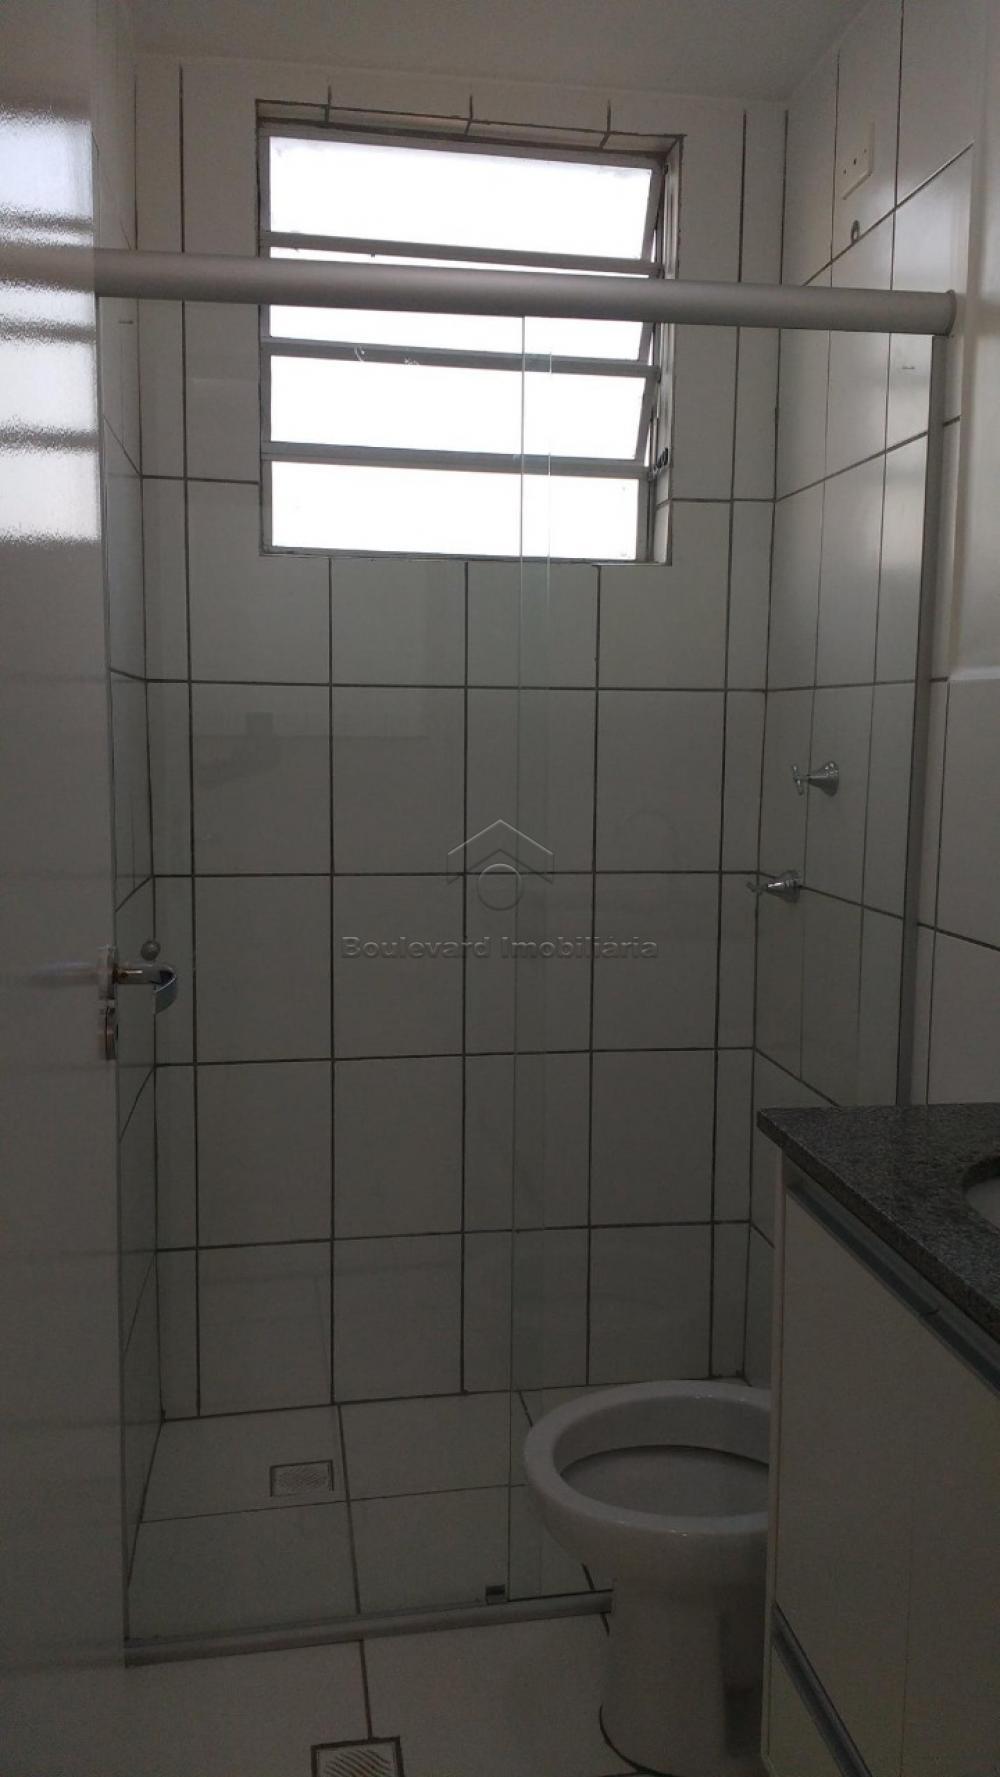 Alugar Apartamento / Padrão em Bonfim Paulista R$ 1.000,00 - Foto 5